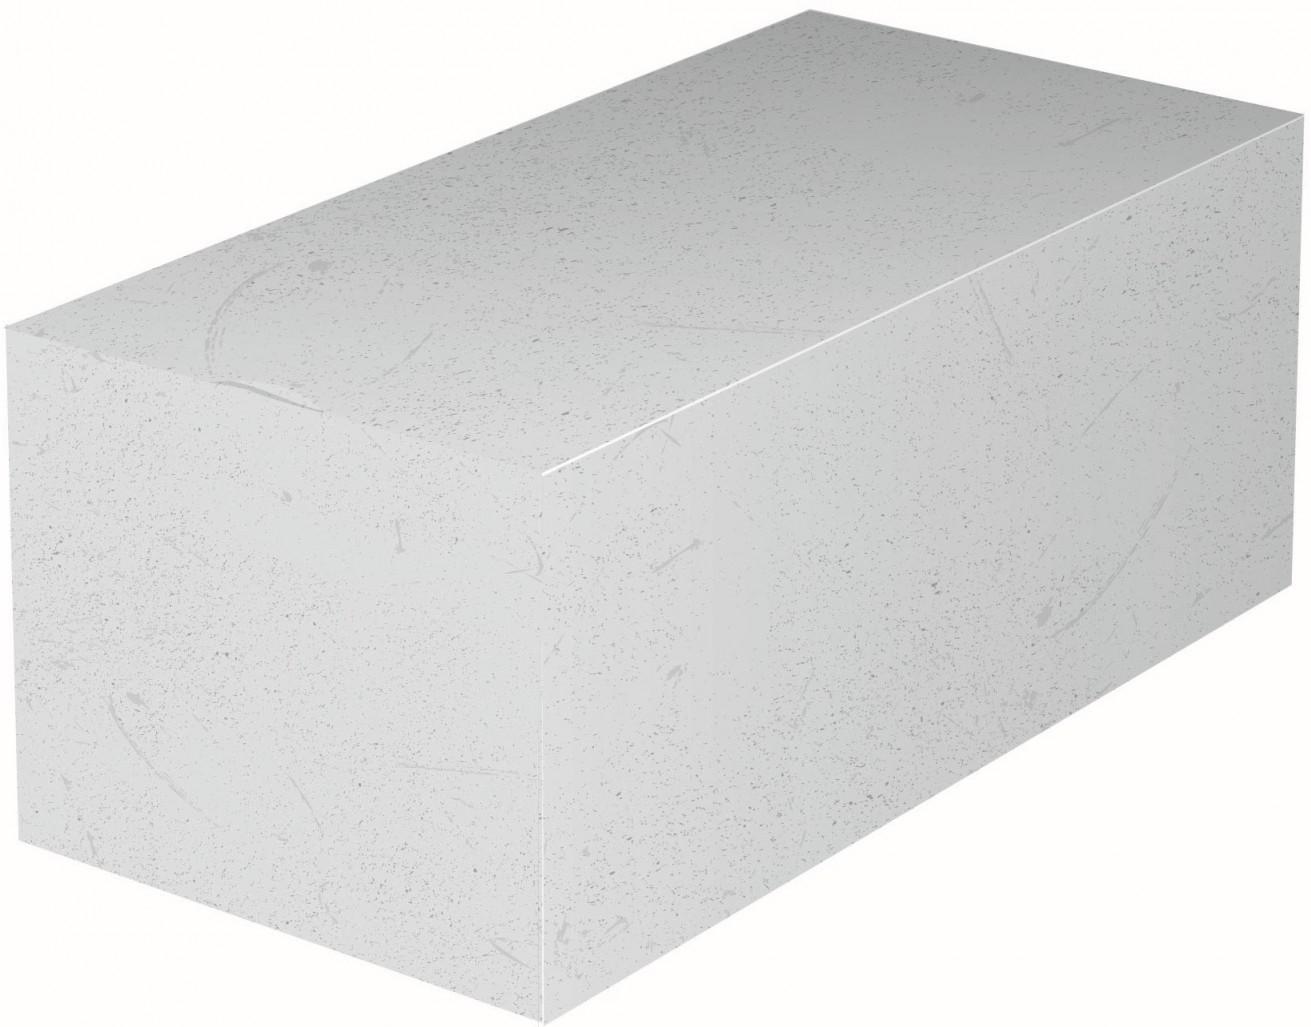 Bonolit D500, 600х200х300 мм, Блок газобетонный